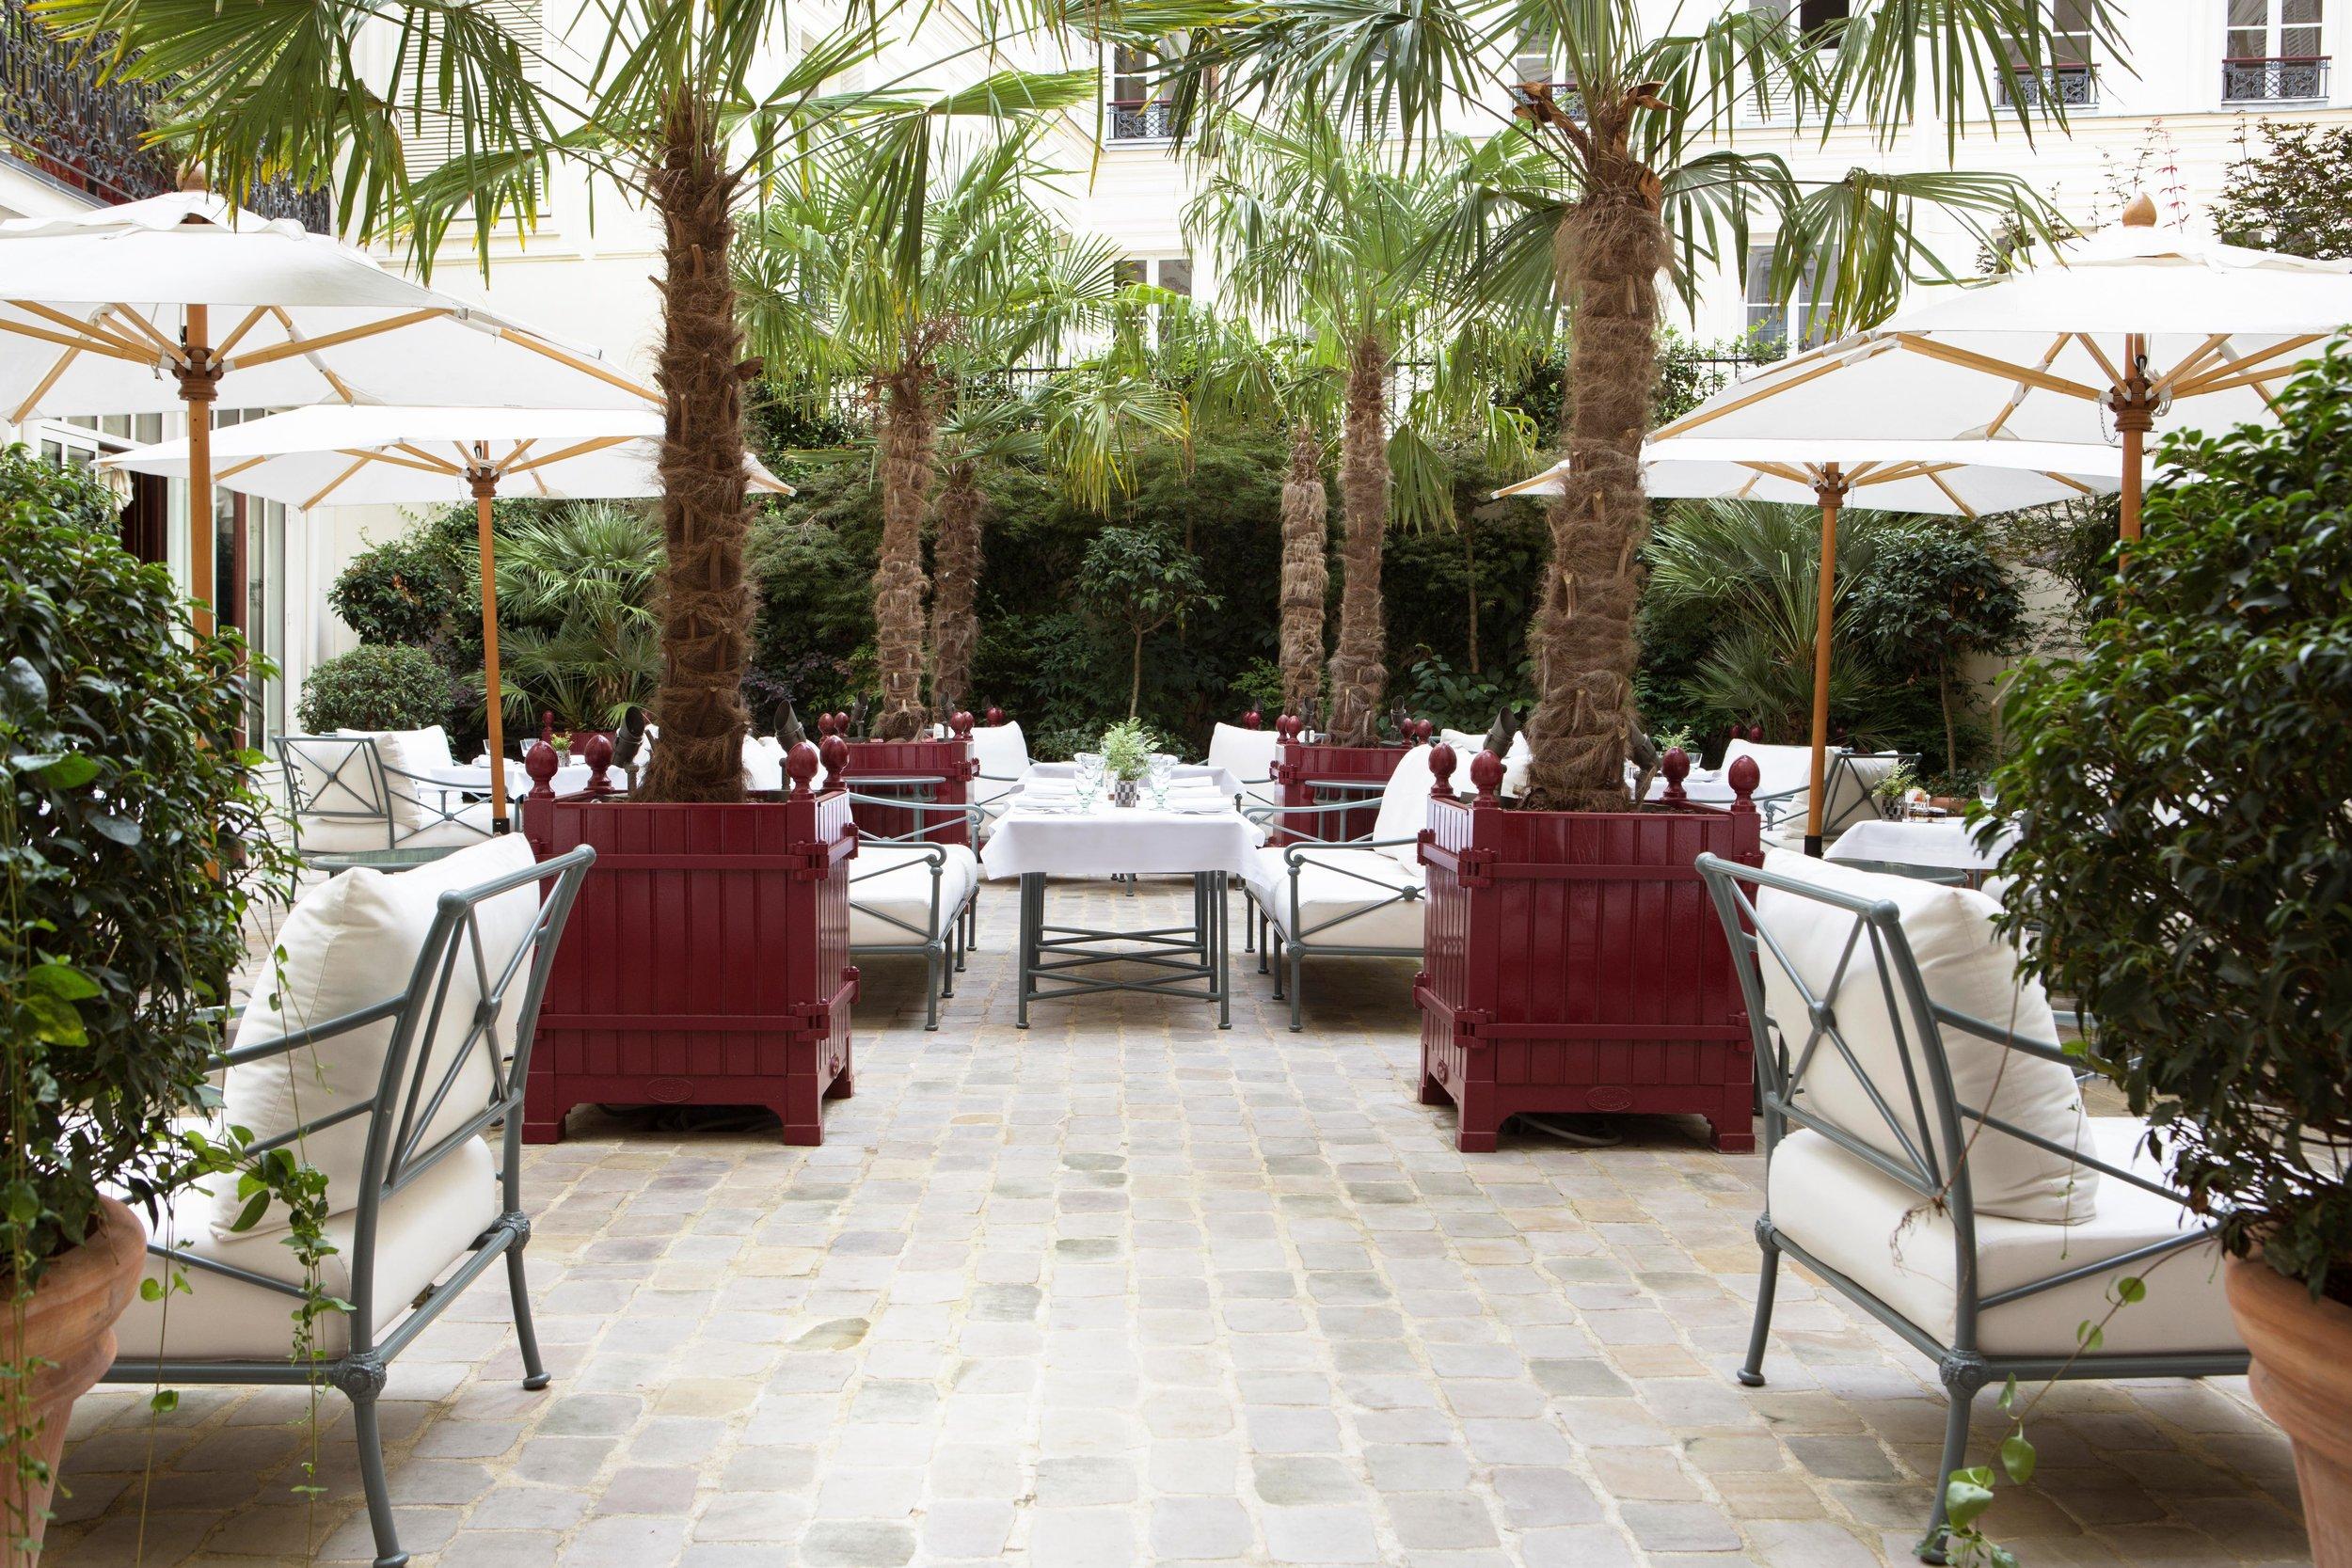 La Réserve Hotel & Spa - patio - Crédits photo G. Gardette - La Réserve Paris.jpg